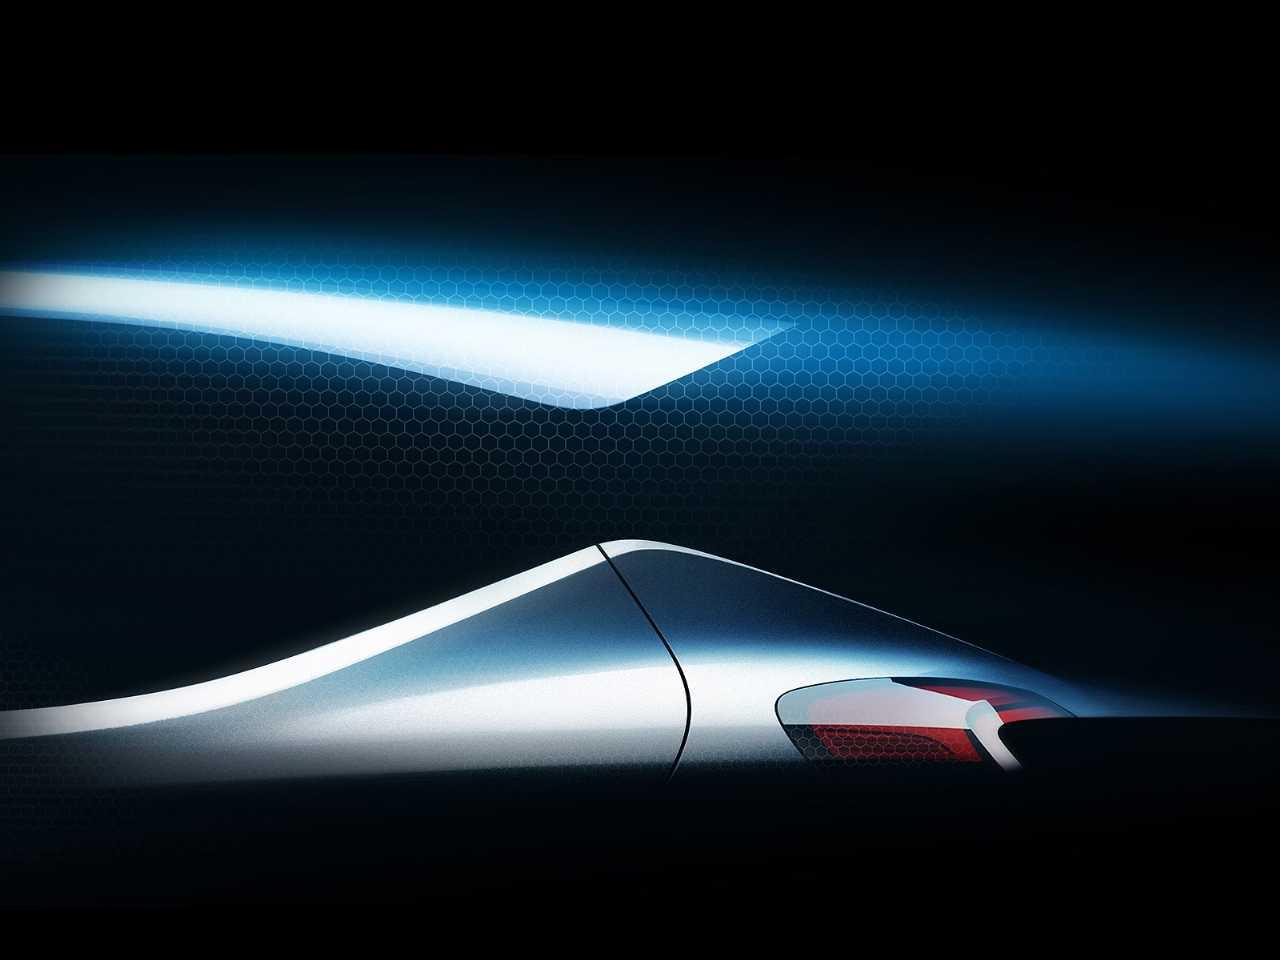 Primeiro esboço do modelo que a Hyundai vai revelar no Salão de Frankfurt neste ano